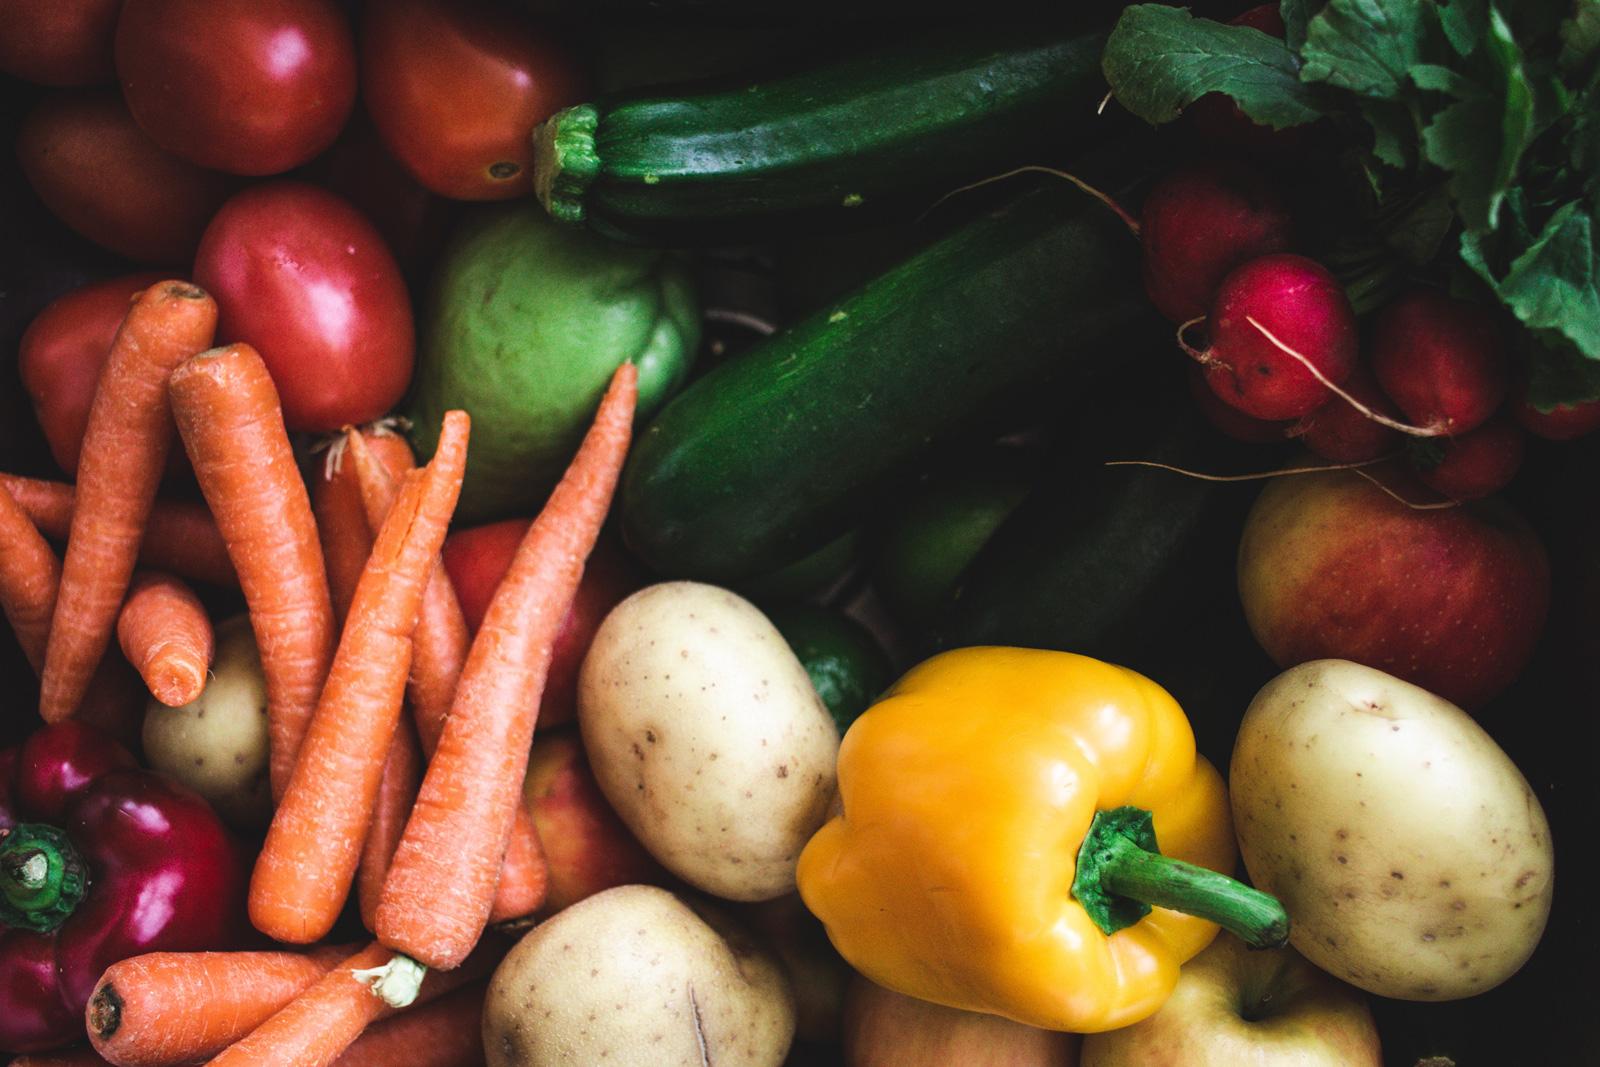 Verbessert Immunabwehr: Ernährung mit Gemüse und mehrfach ungesättigten Fettsäuren